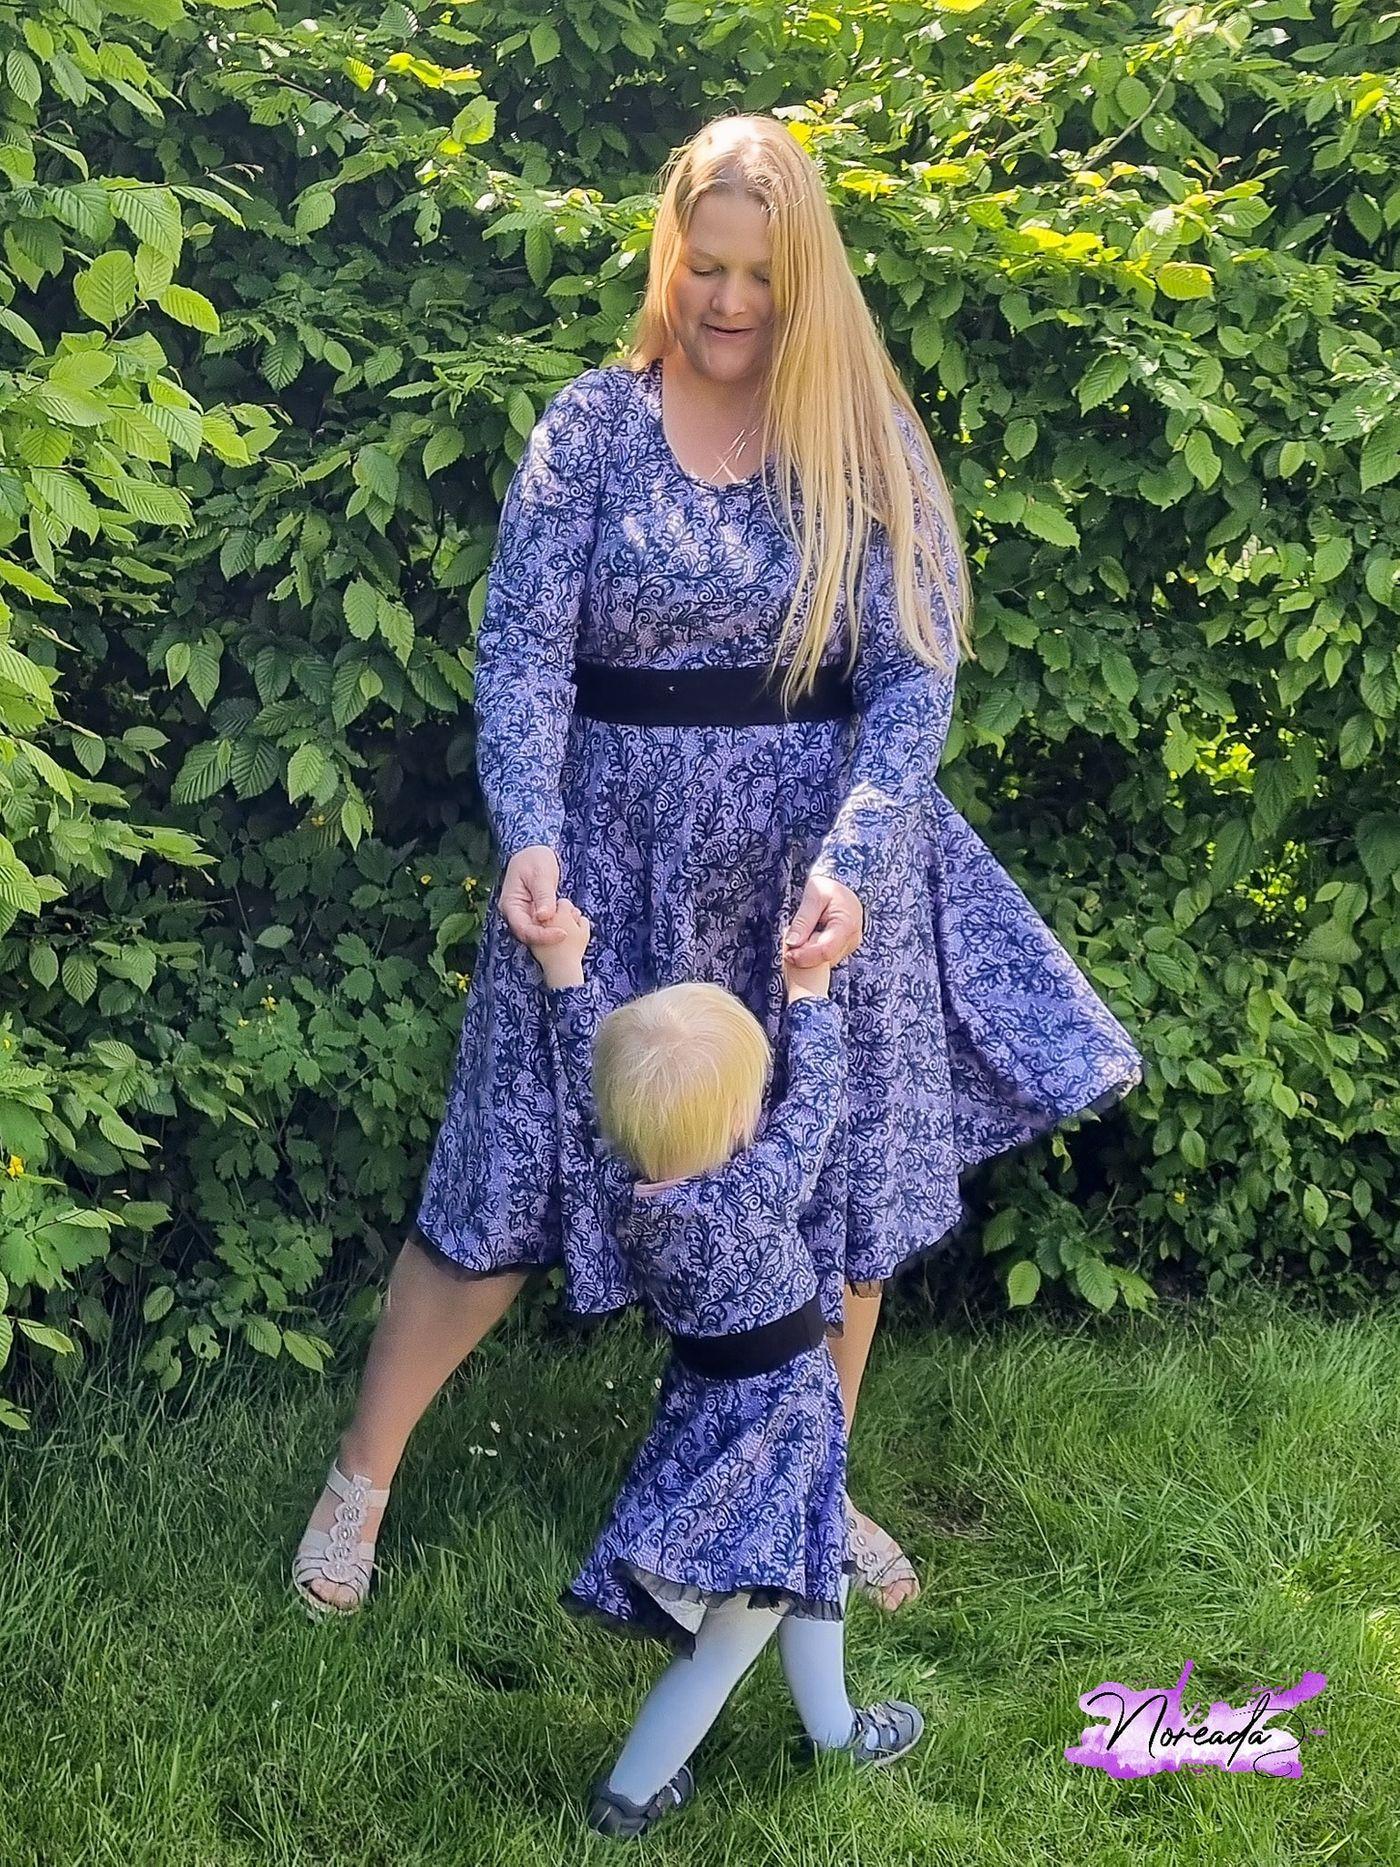 Produktfoto 17 von Rosalieb & Wildblau für Schnittmuster Kombi-Ebook Lillibee Damen und Mädchen